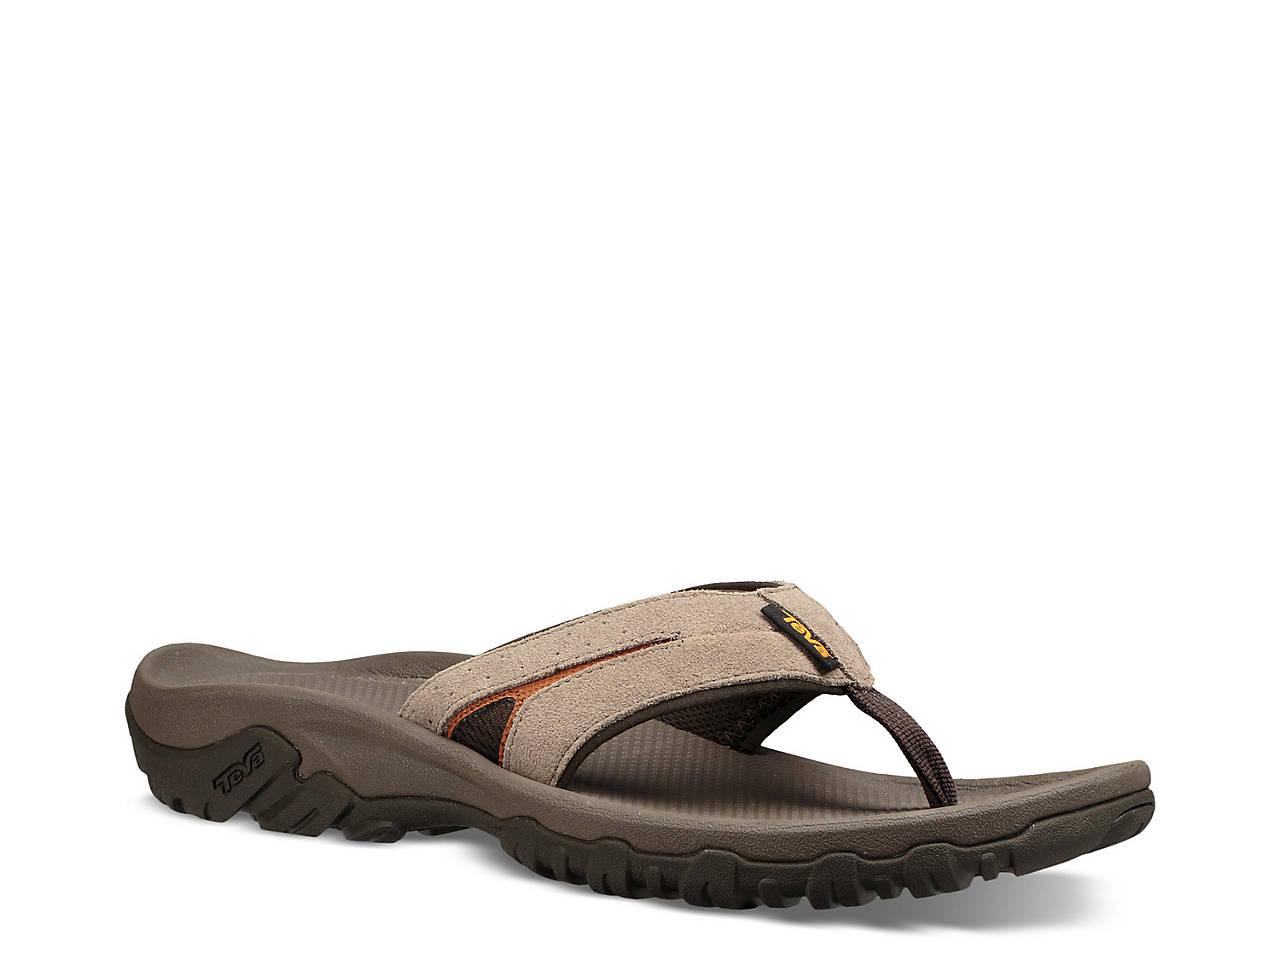 c8c6a2c6b100 Teva Katavi 2 Sandal Men s Shoes